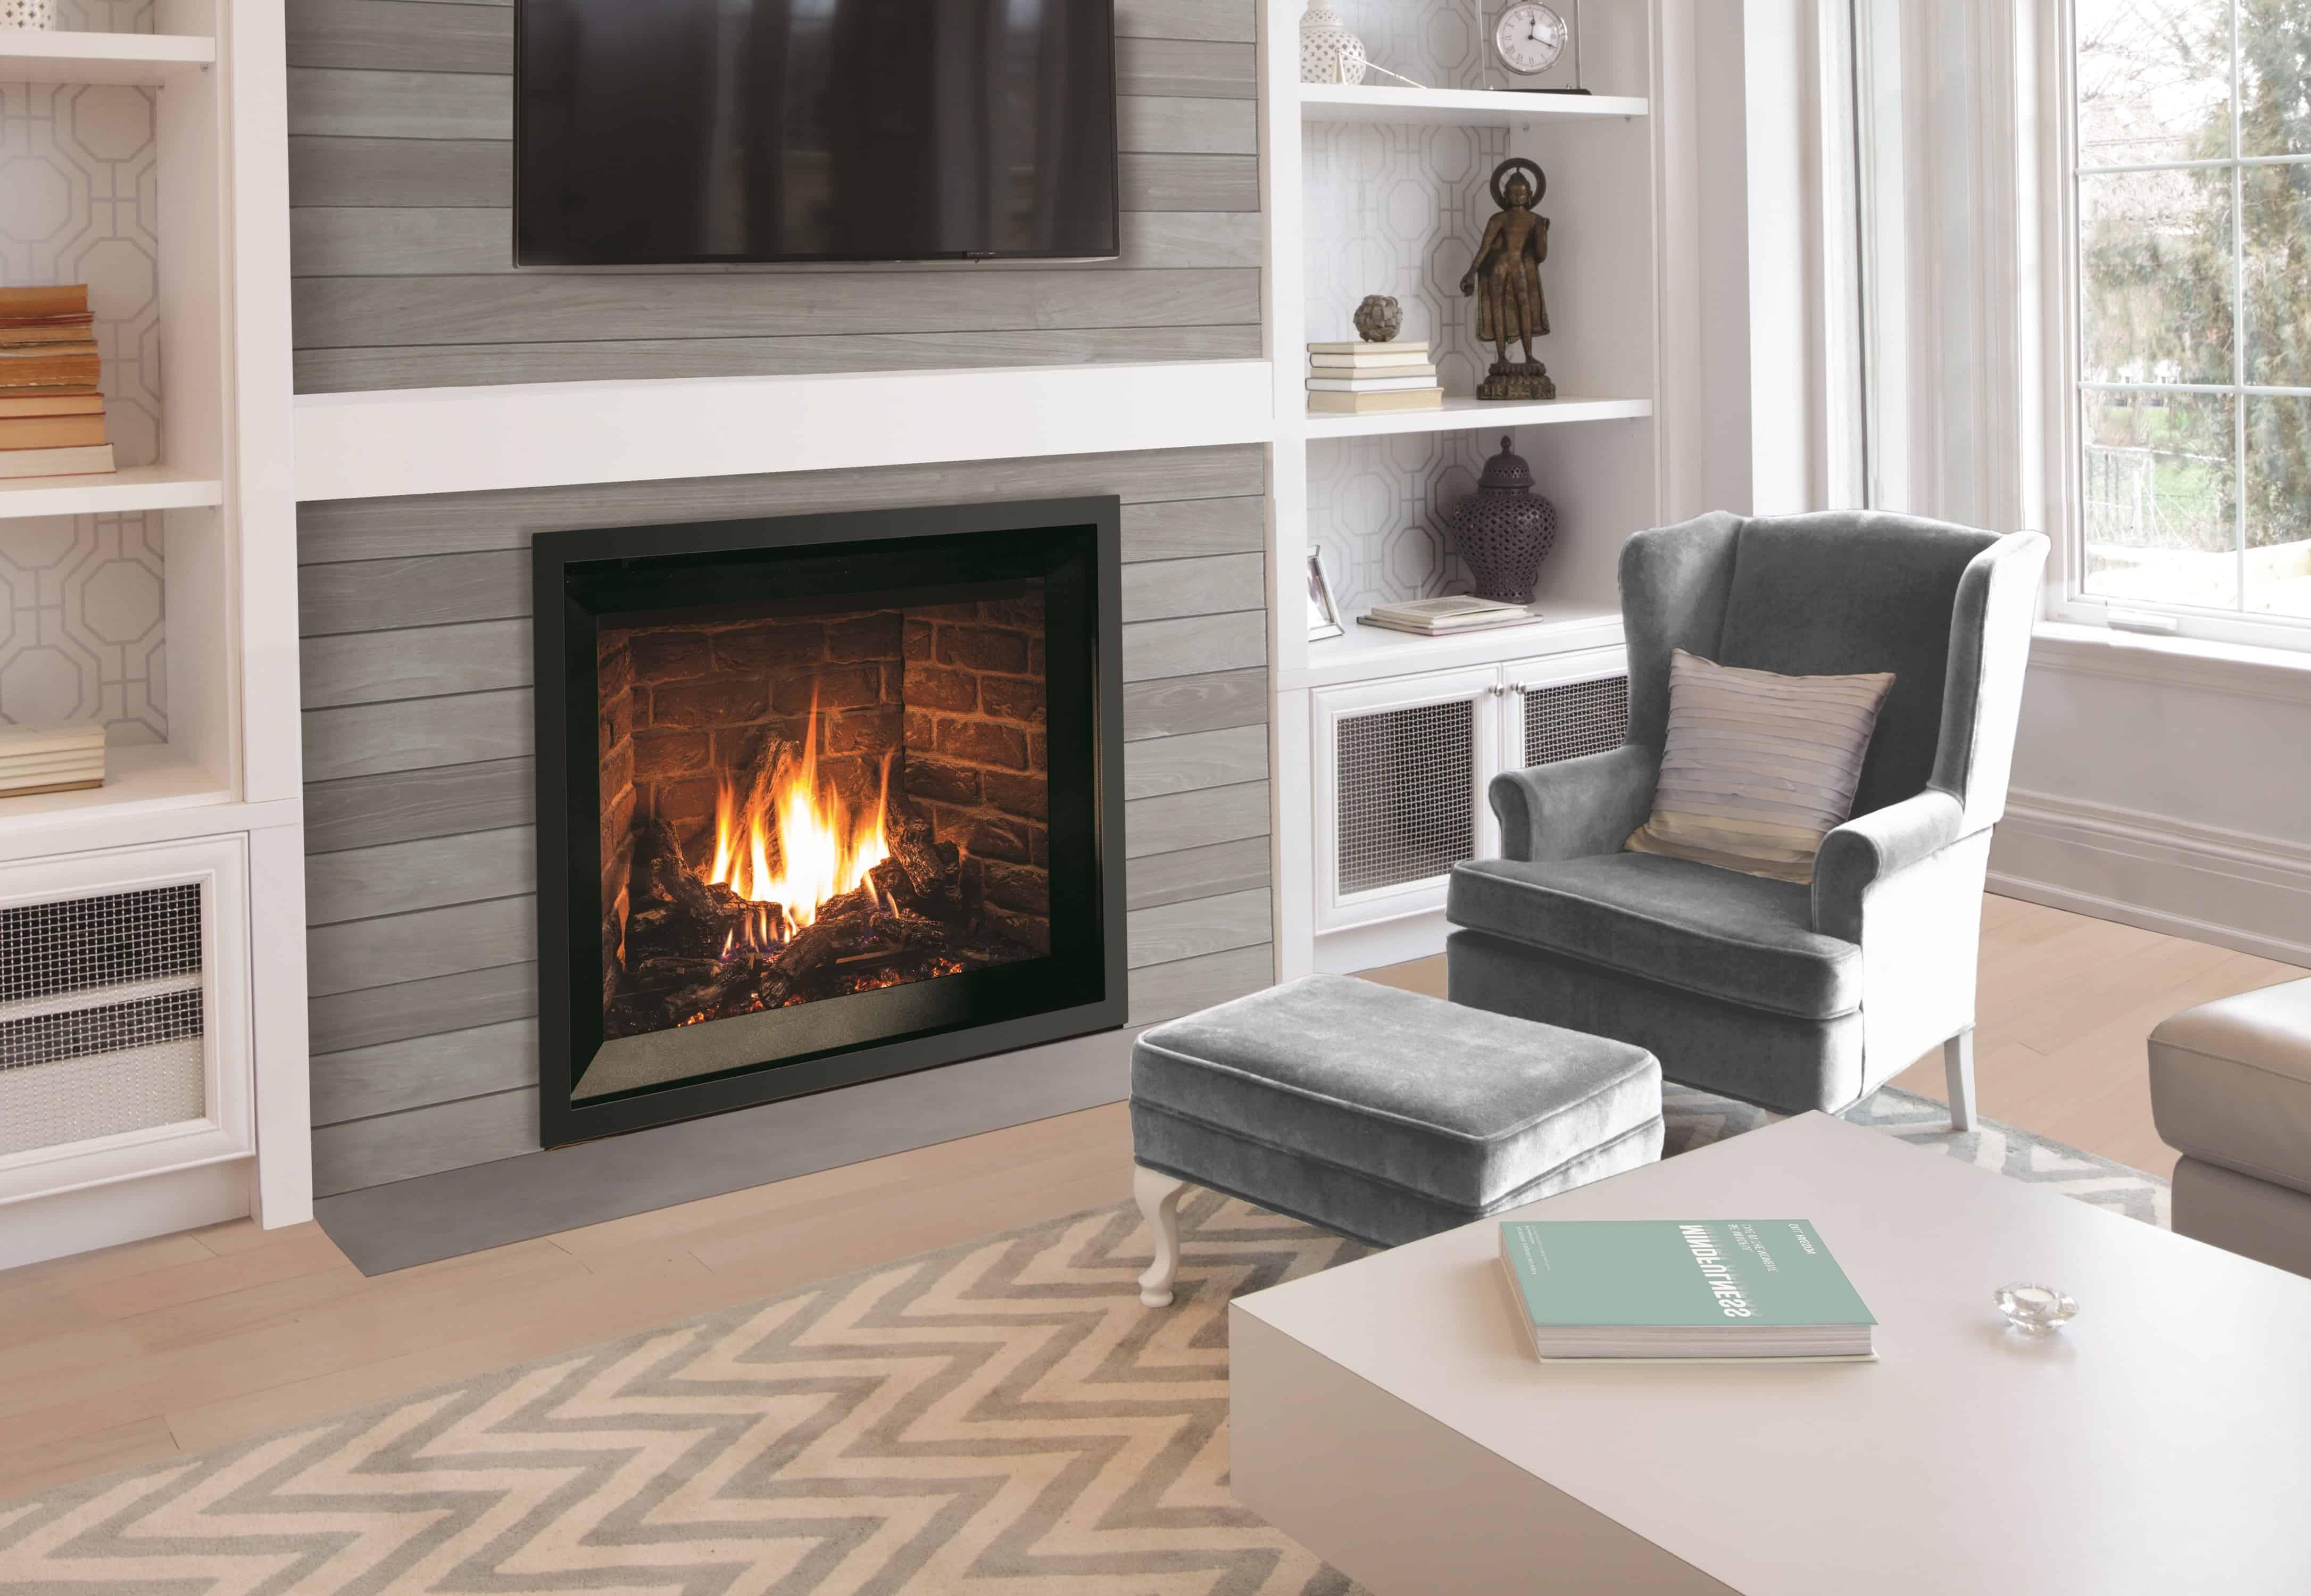 Urbana U50 Gas Fireplace - Safe Home Fireplace